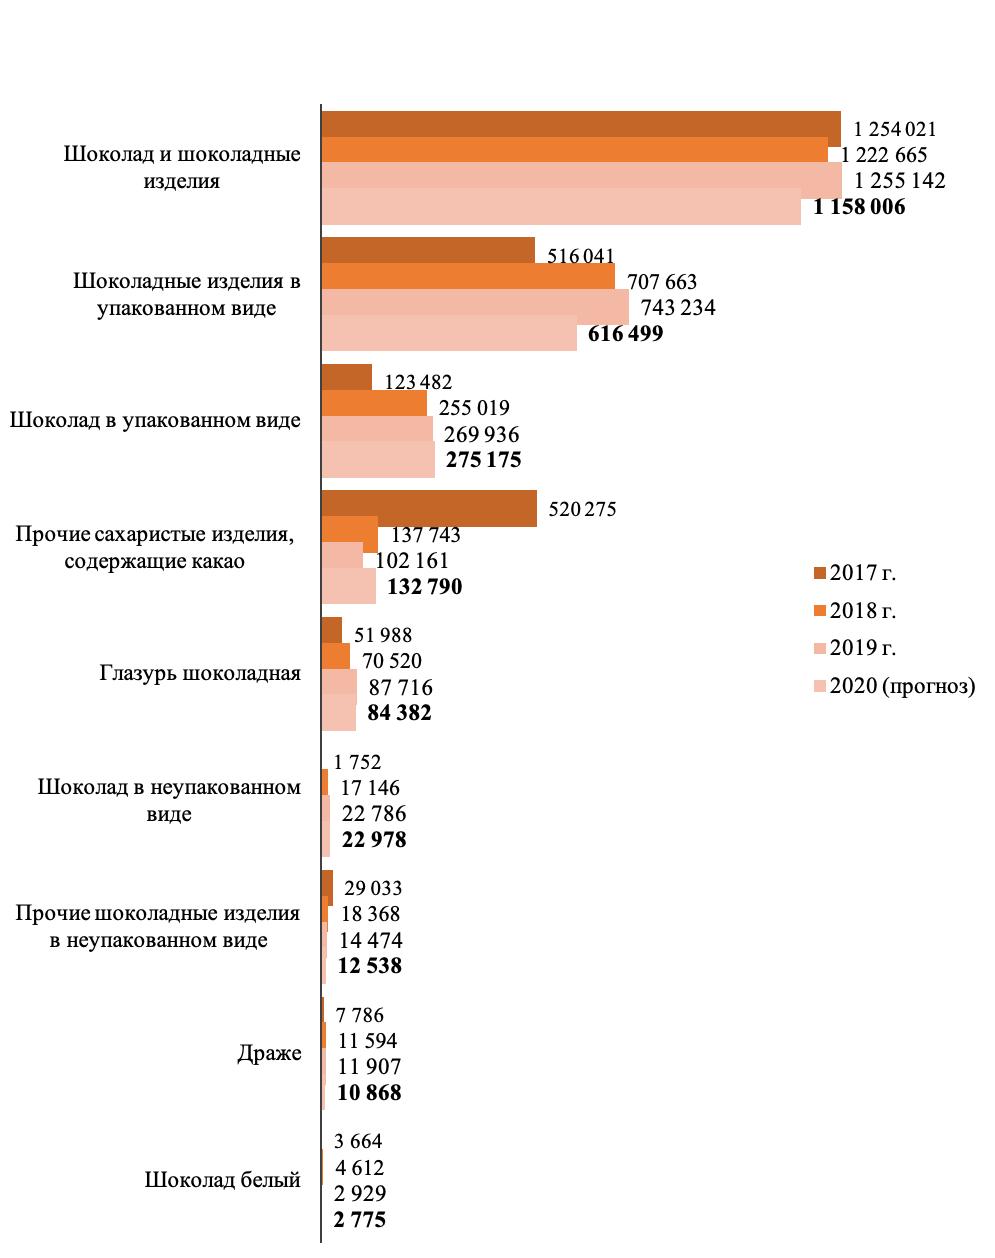 Объемы производства шоколада и шоколадных изделий в России